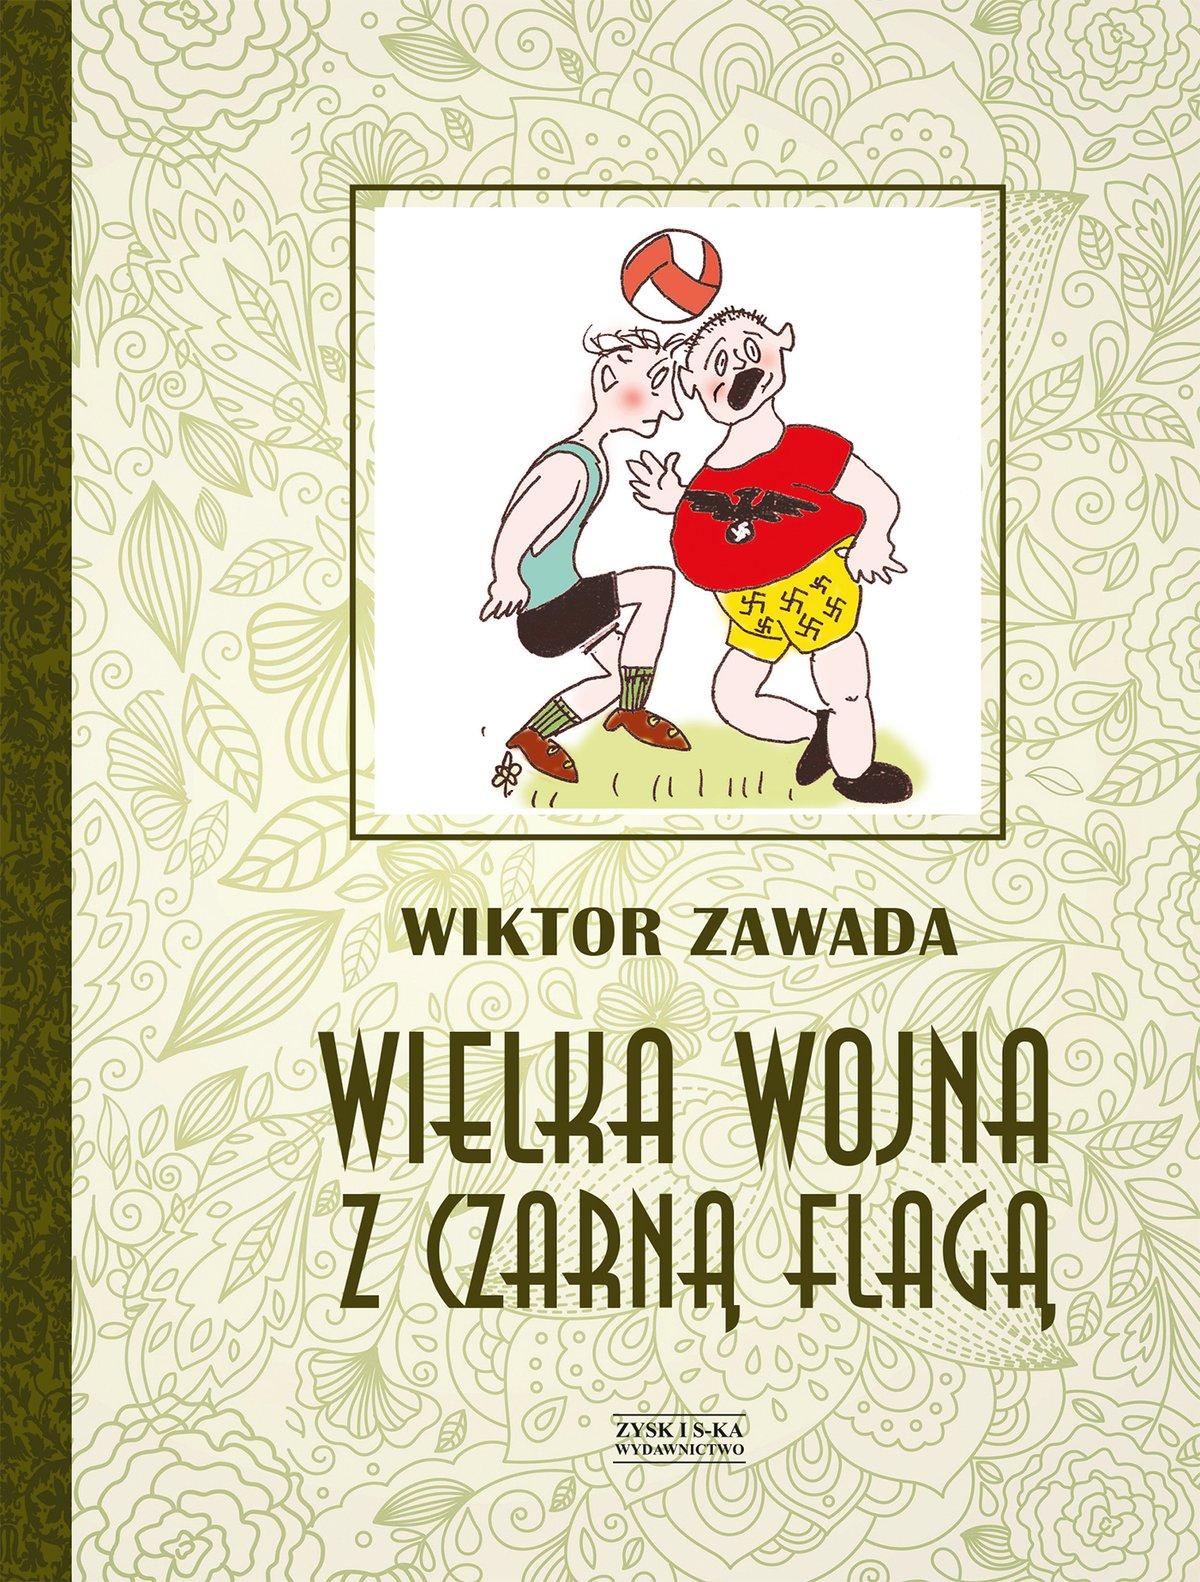 Wielka wojna z czarną flagą - Ebook (Książka na Kindle) do pobrania w formacie MOBI